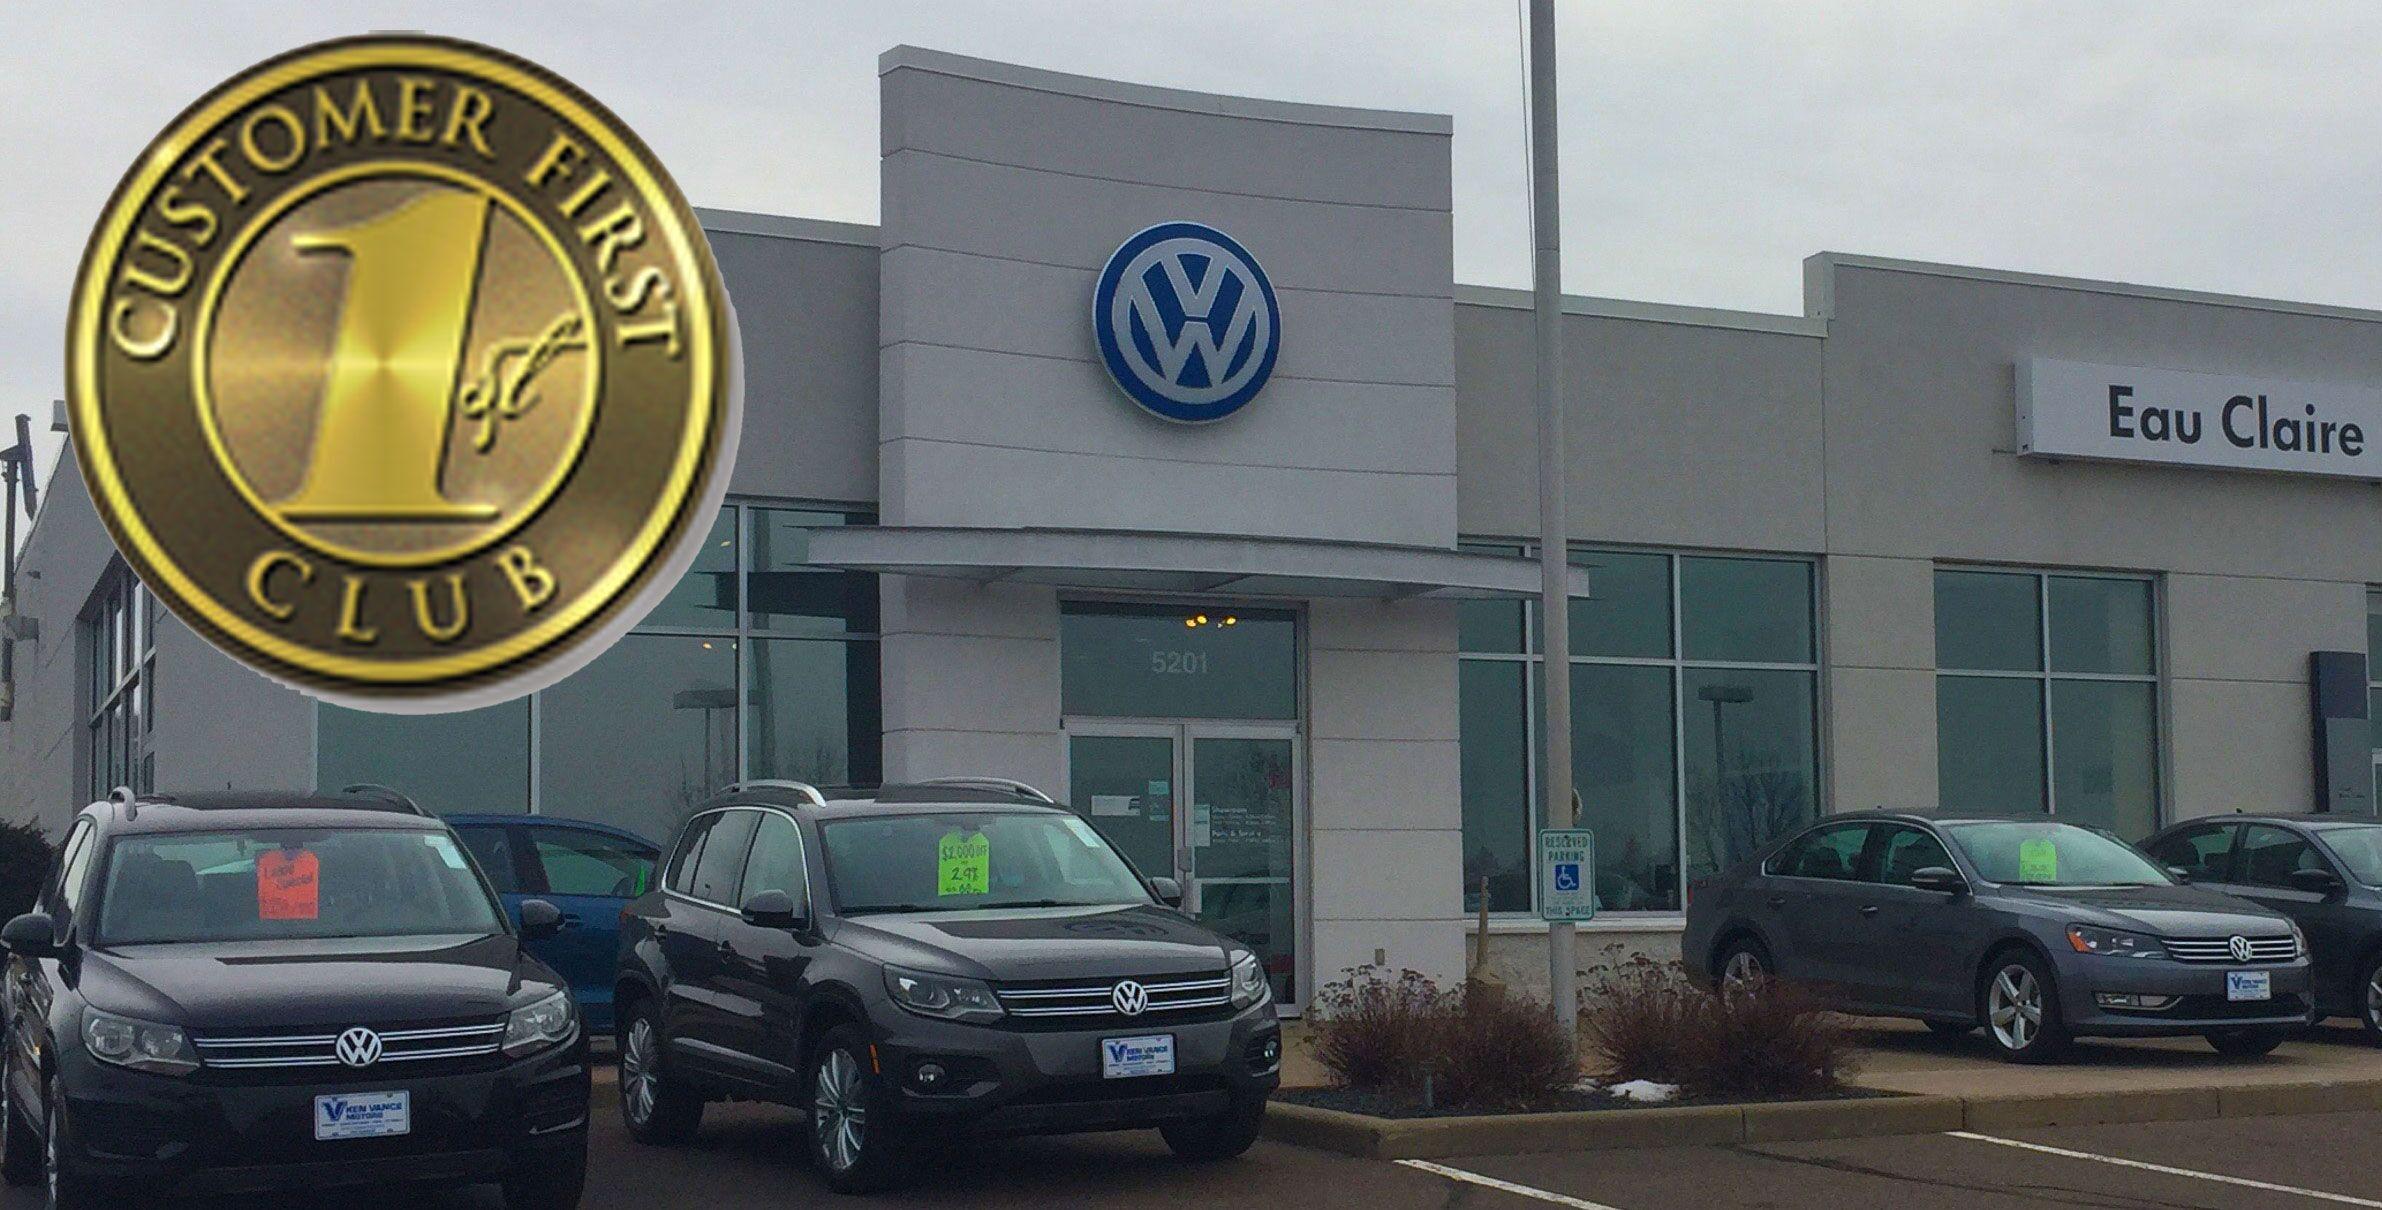 Eau Claire Wisconsin Audi, Honda, Hyundai, Volkswagen ...